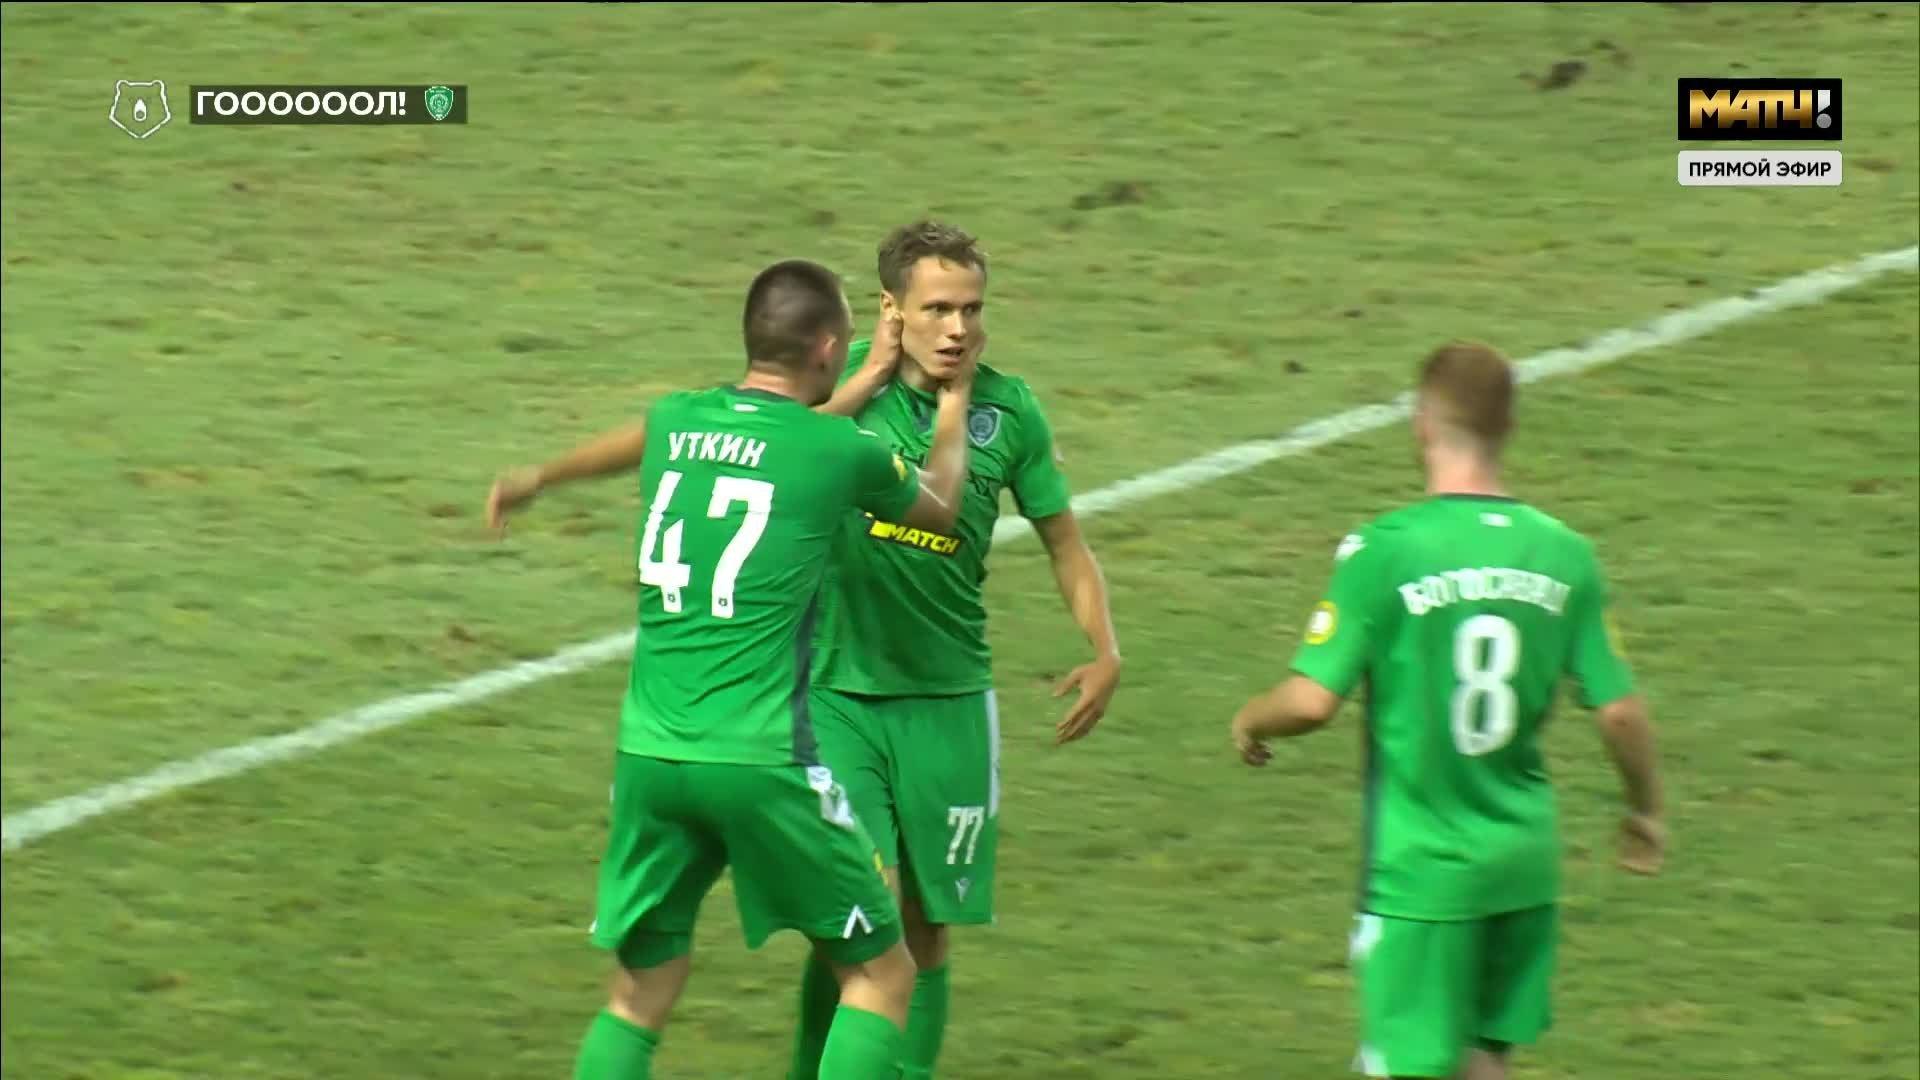 Ахмат - Динамо. 2:0. Владислав Карапузов